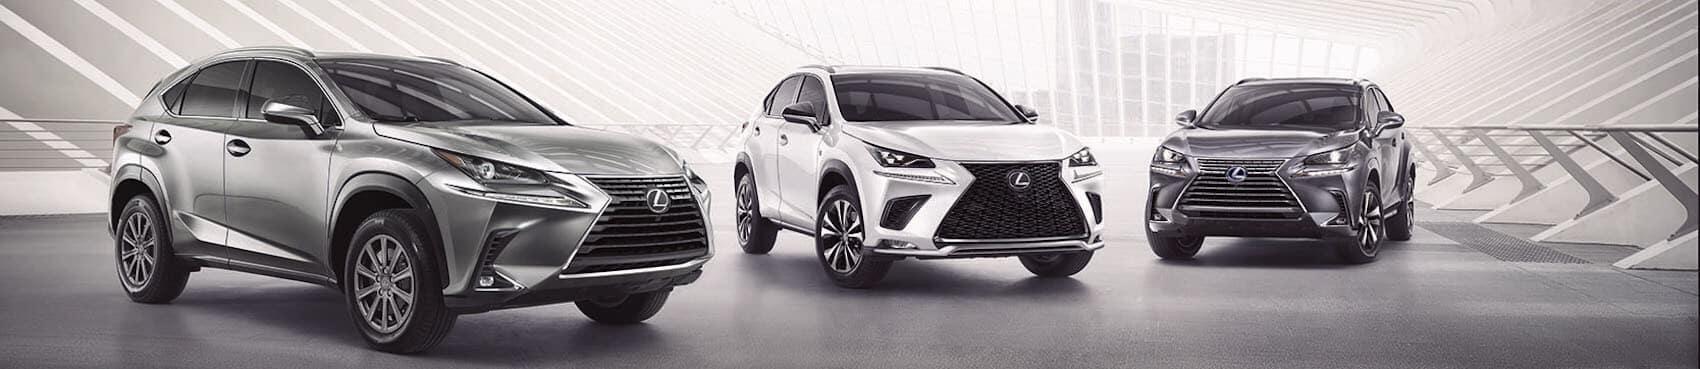 Lexus NX vs Acura RDX